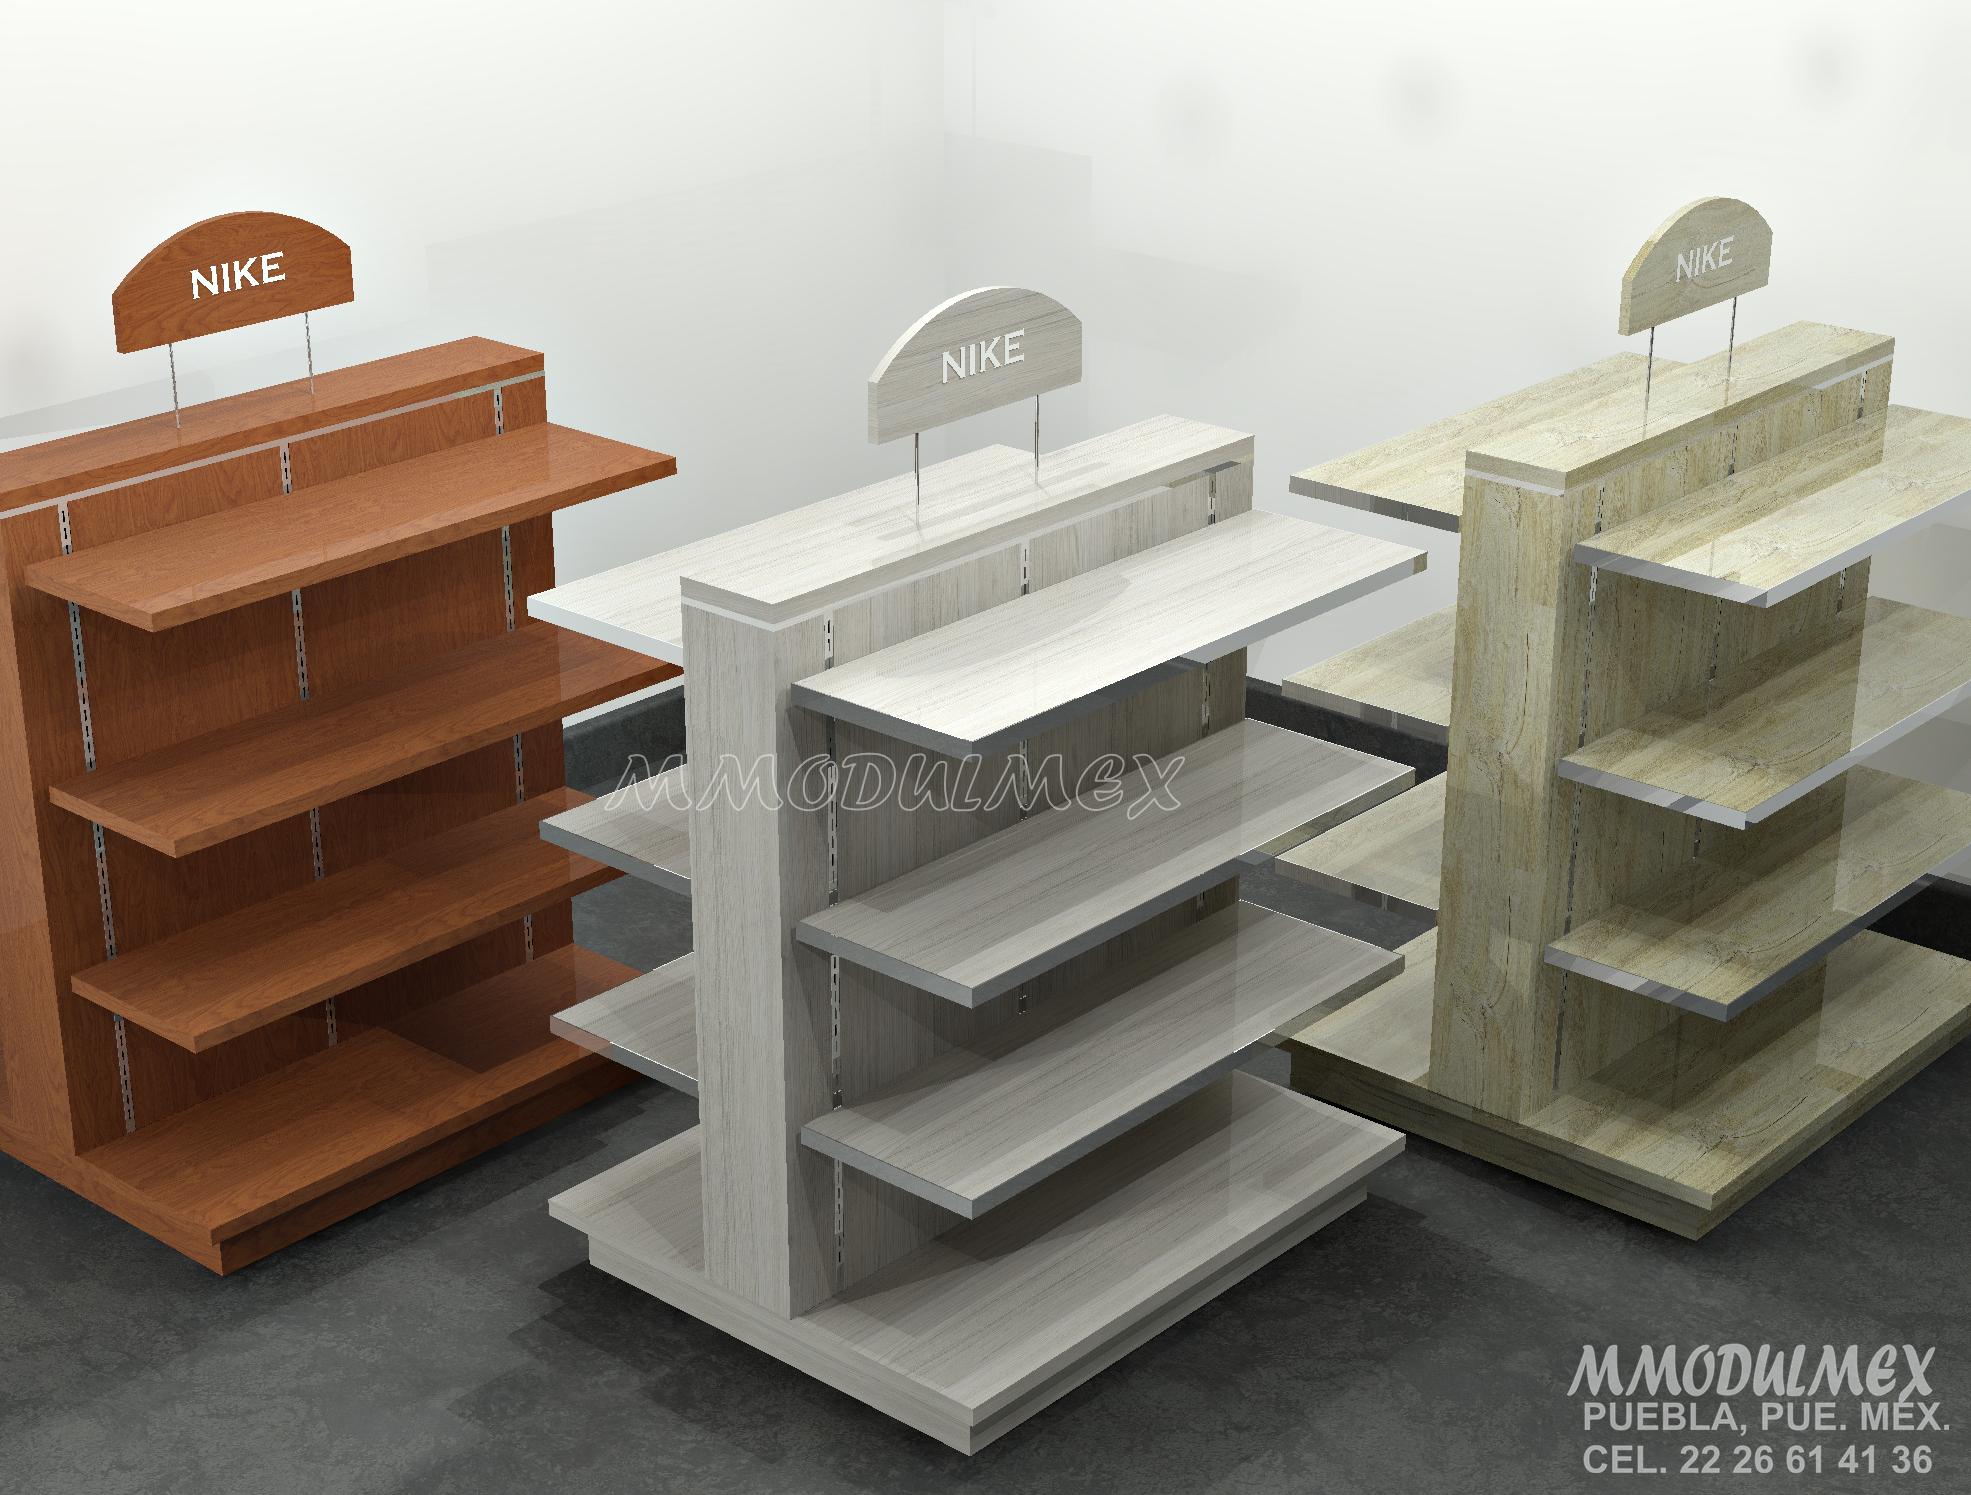 Fabrica De Estanterias Metalicas En Zaragoza.Muebles Mostradores Y Vitrinas Para Papelerias Farmacias Tiendas